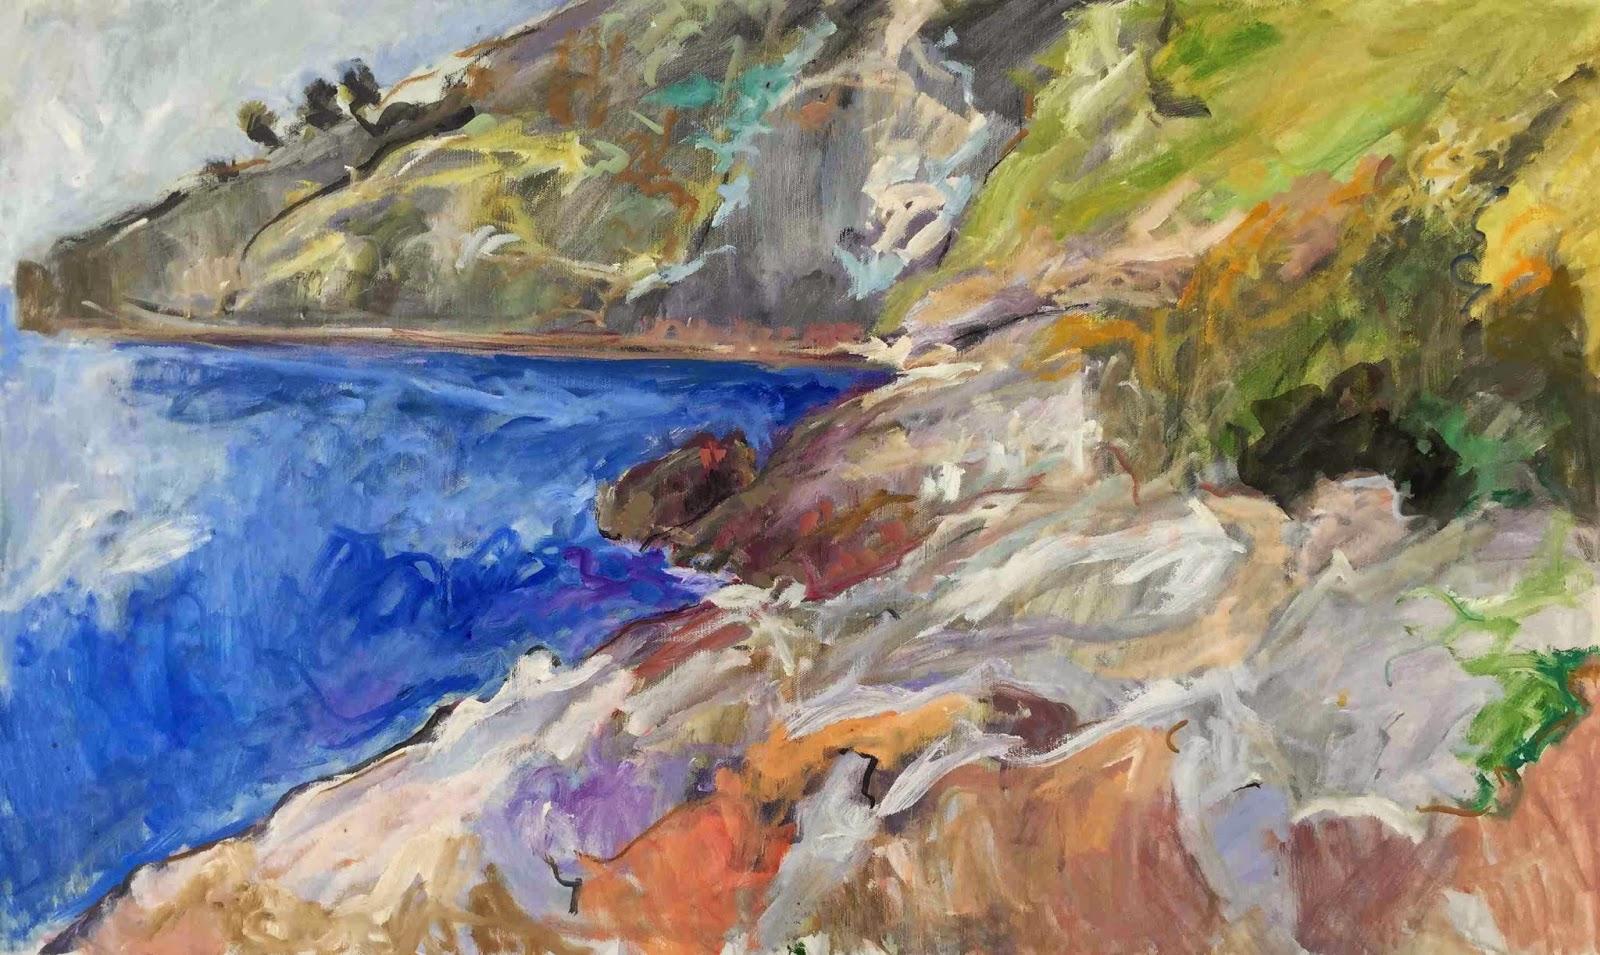 Tricase, i paesaggi marini di De Giovanni ~ Giornale di Puglia